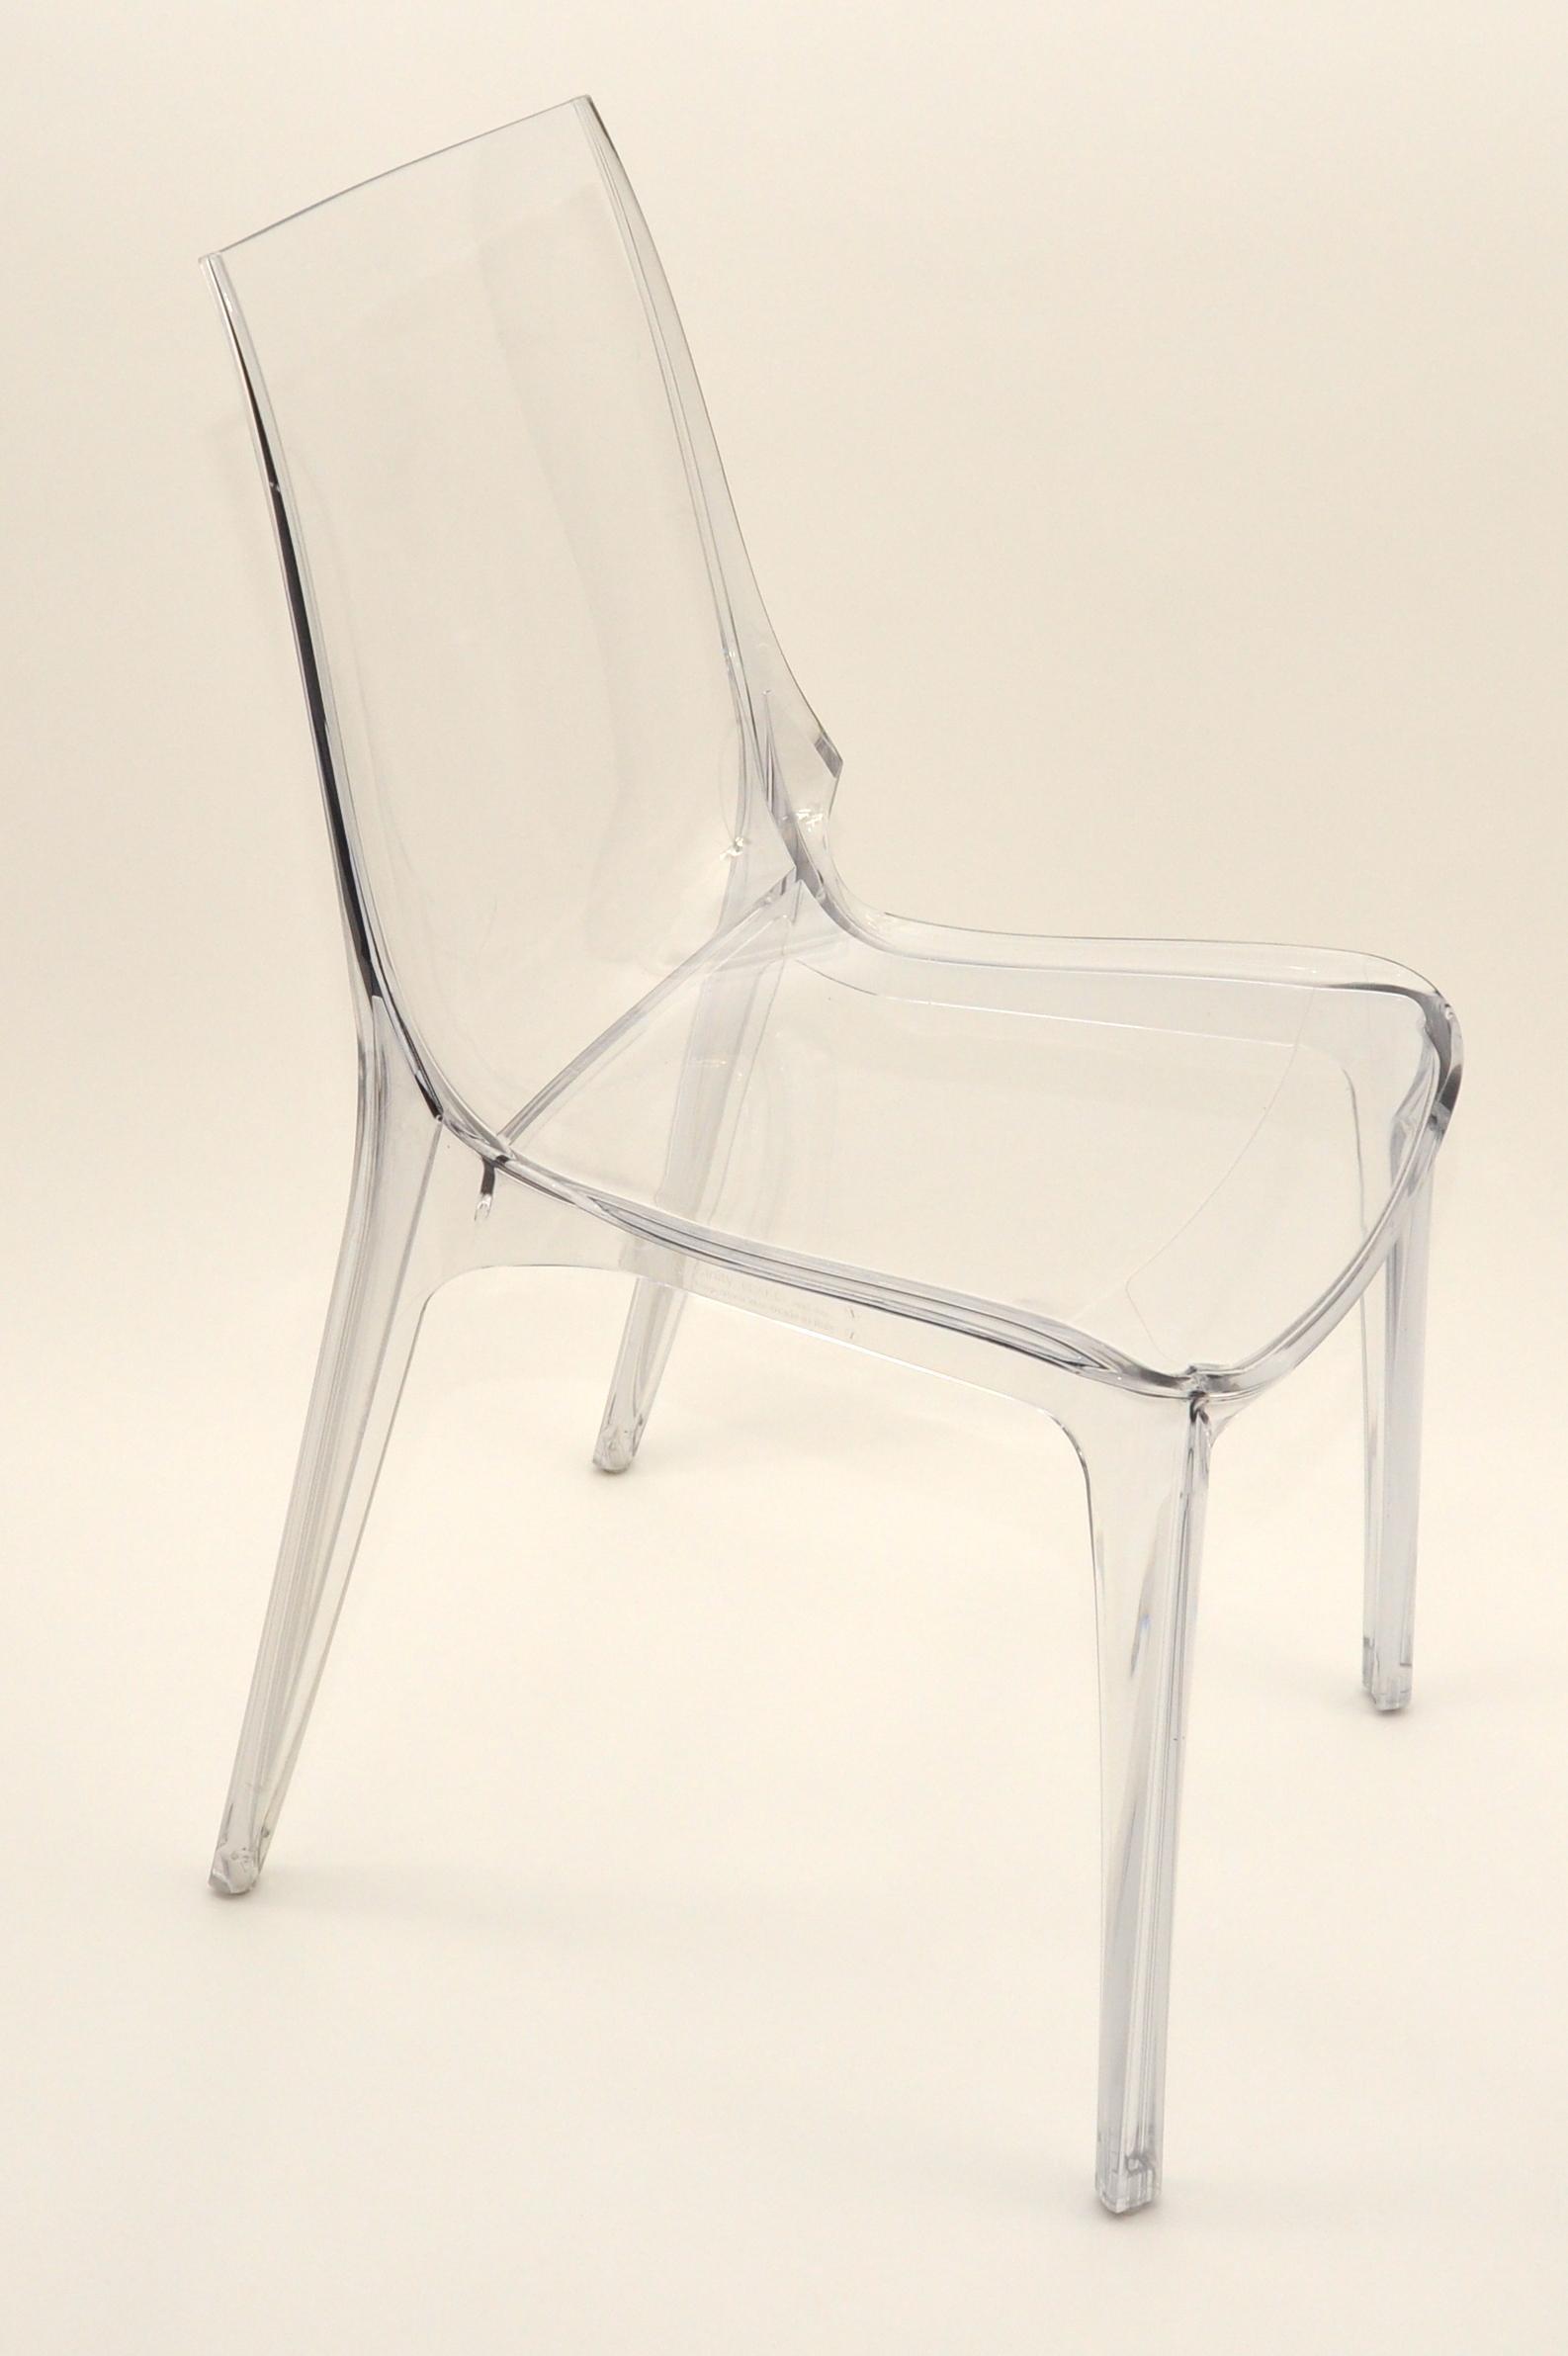 krzesła-transparentne--wyanjem-warszawa